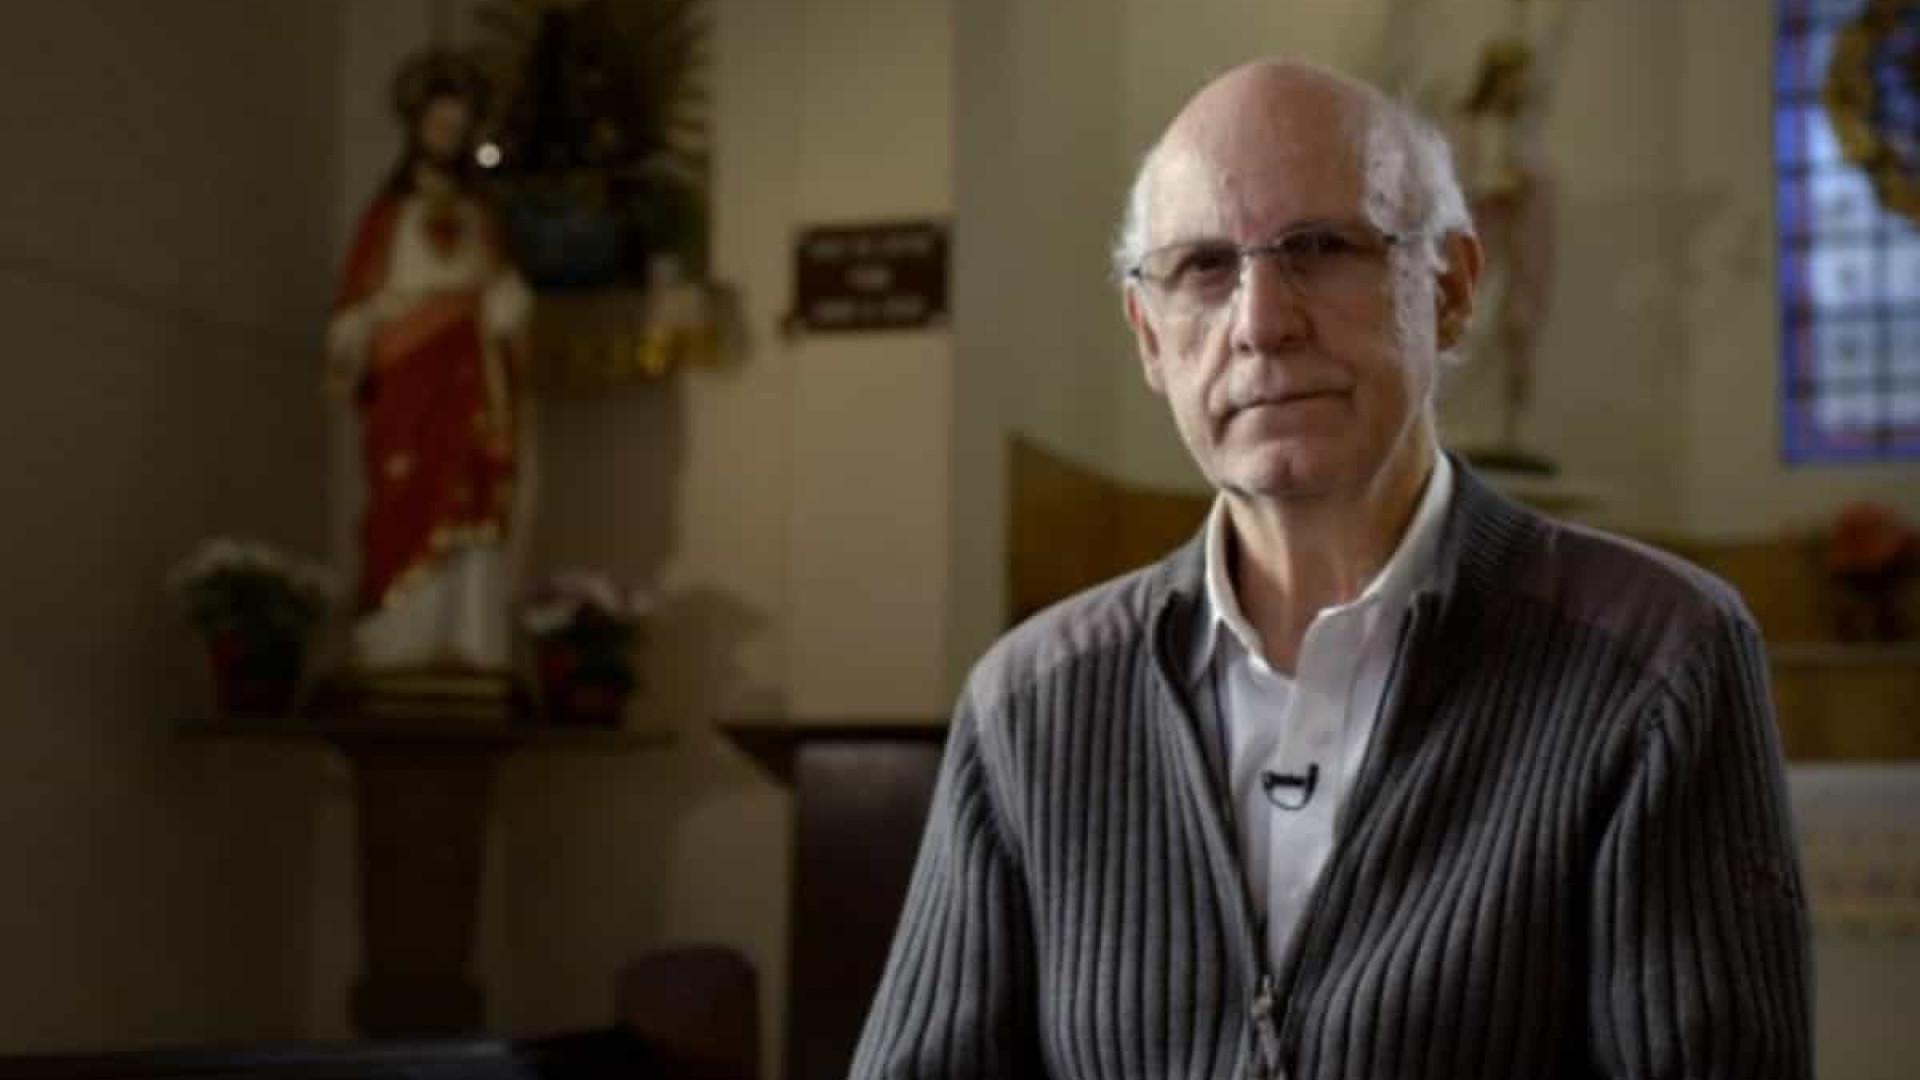 Não posso aceitar, não quero escolta, diz Padre Julio Lancellotti